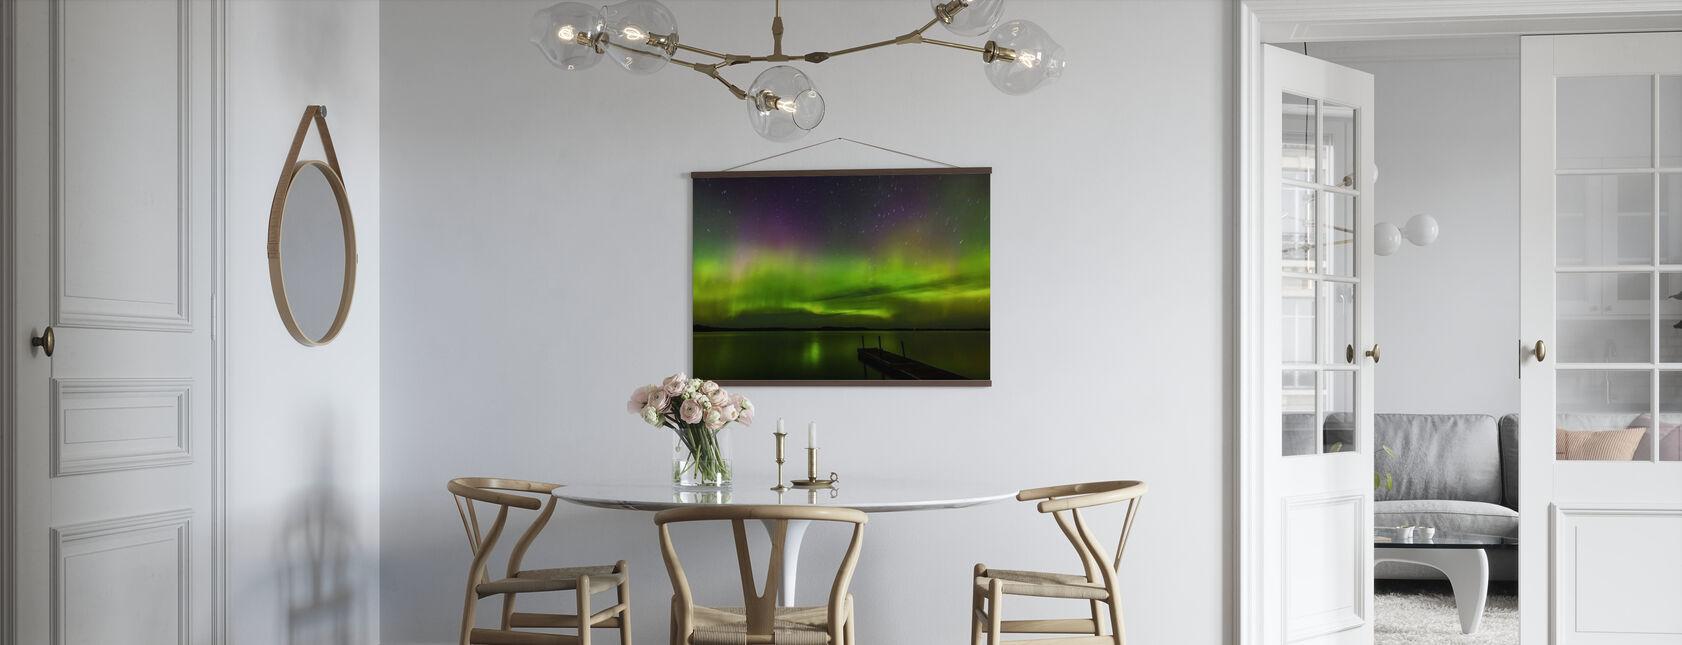 Aurora Borealis over Burntside Lake - Poster - Kitchen